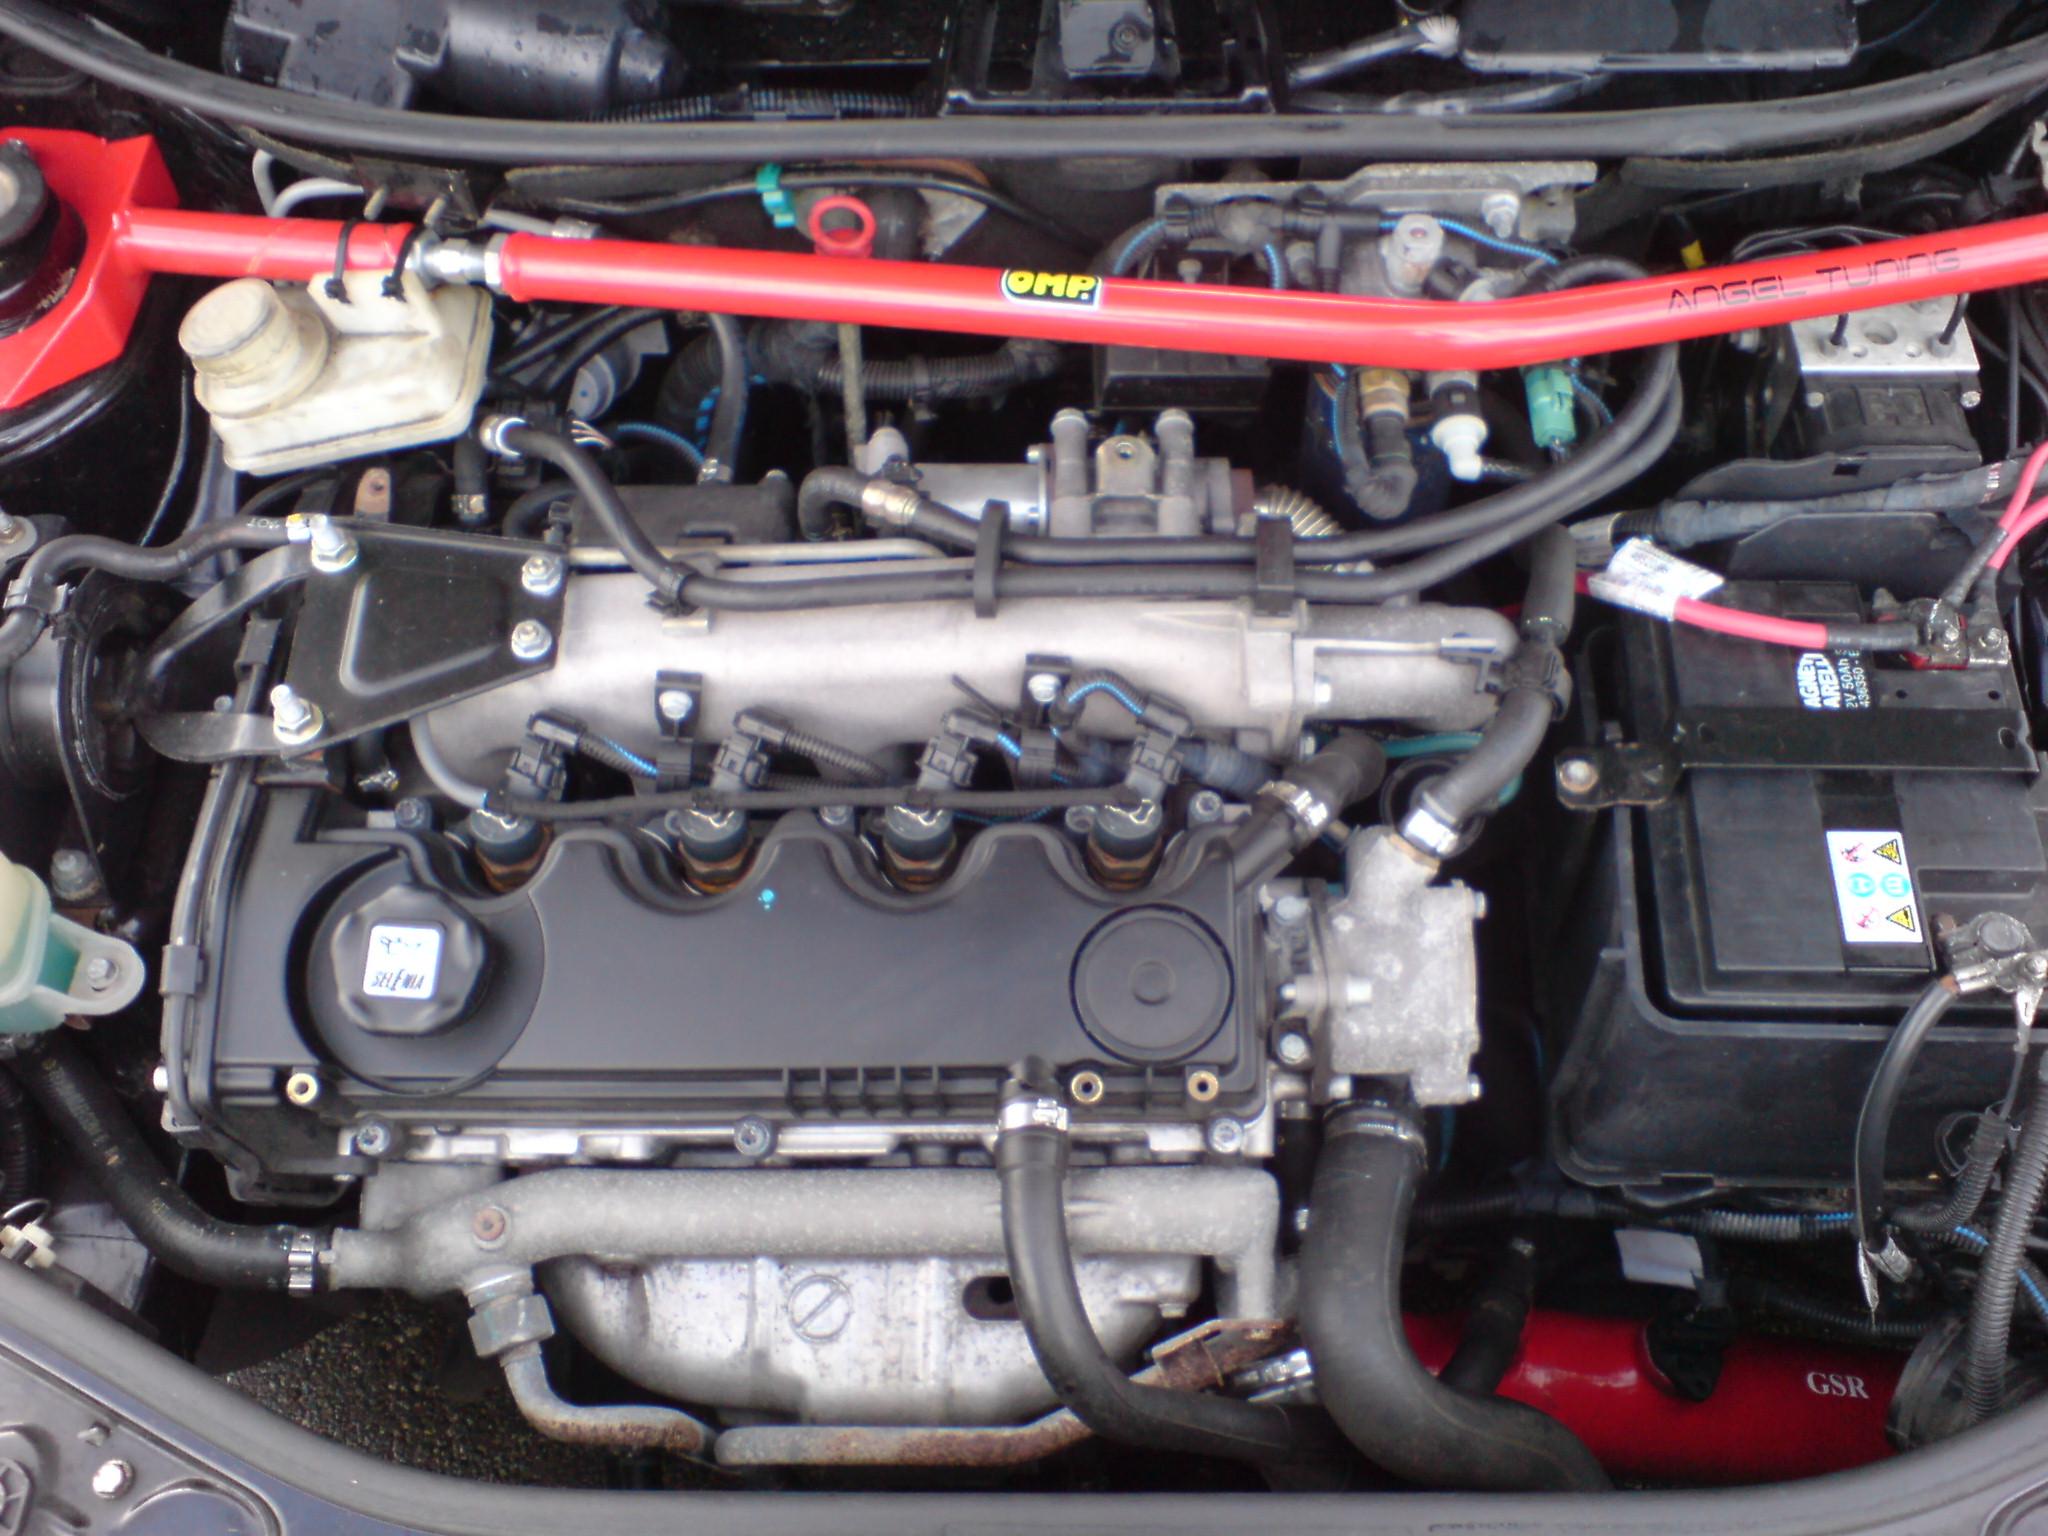 745443 97 Ek Civic Hatch Gsr moreover 2001 Mitsubishi Mirage Engine Diagram also Quanto Vai Custar O Fiat Argo   Os Opcionais Mais Desejados furthermore Fiat Argo Precos Itens De Serie Consumo moreover Integra Pro Design Tps Throttle Position Sensor. on gsr sensor